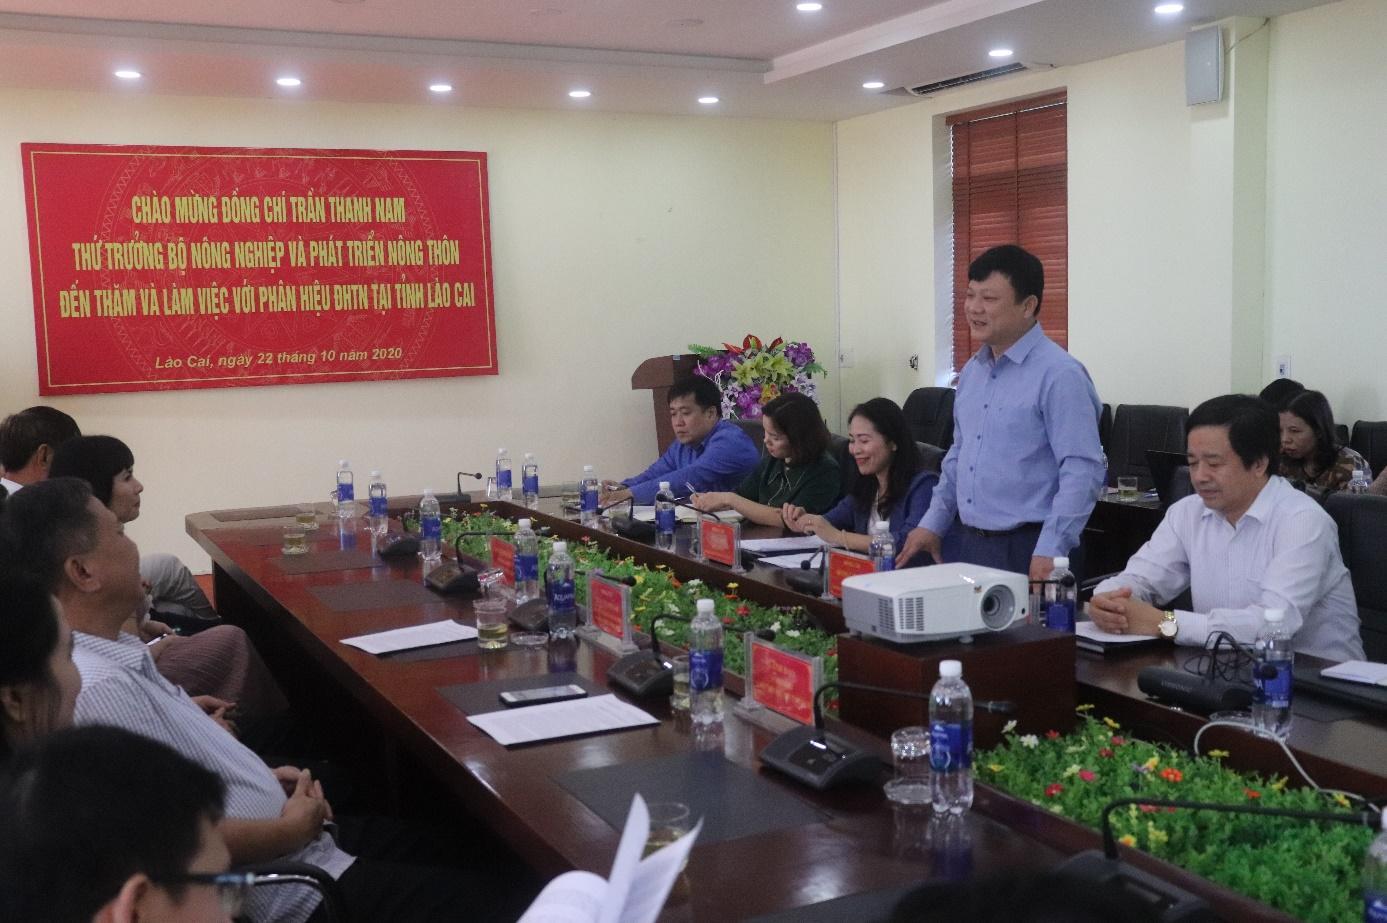 Thứ trưởng Bộ Nông nghiệp và Phát triển nông thôn Trần Thanh Nam đến thăm và làm việc tại Phân hiệu Đại học Thái Nguyên tại tỉnh Lào Cai